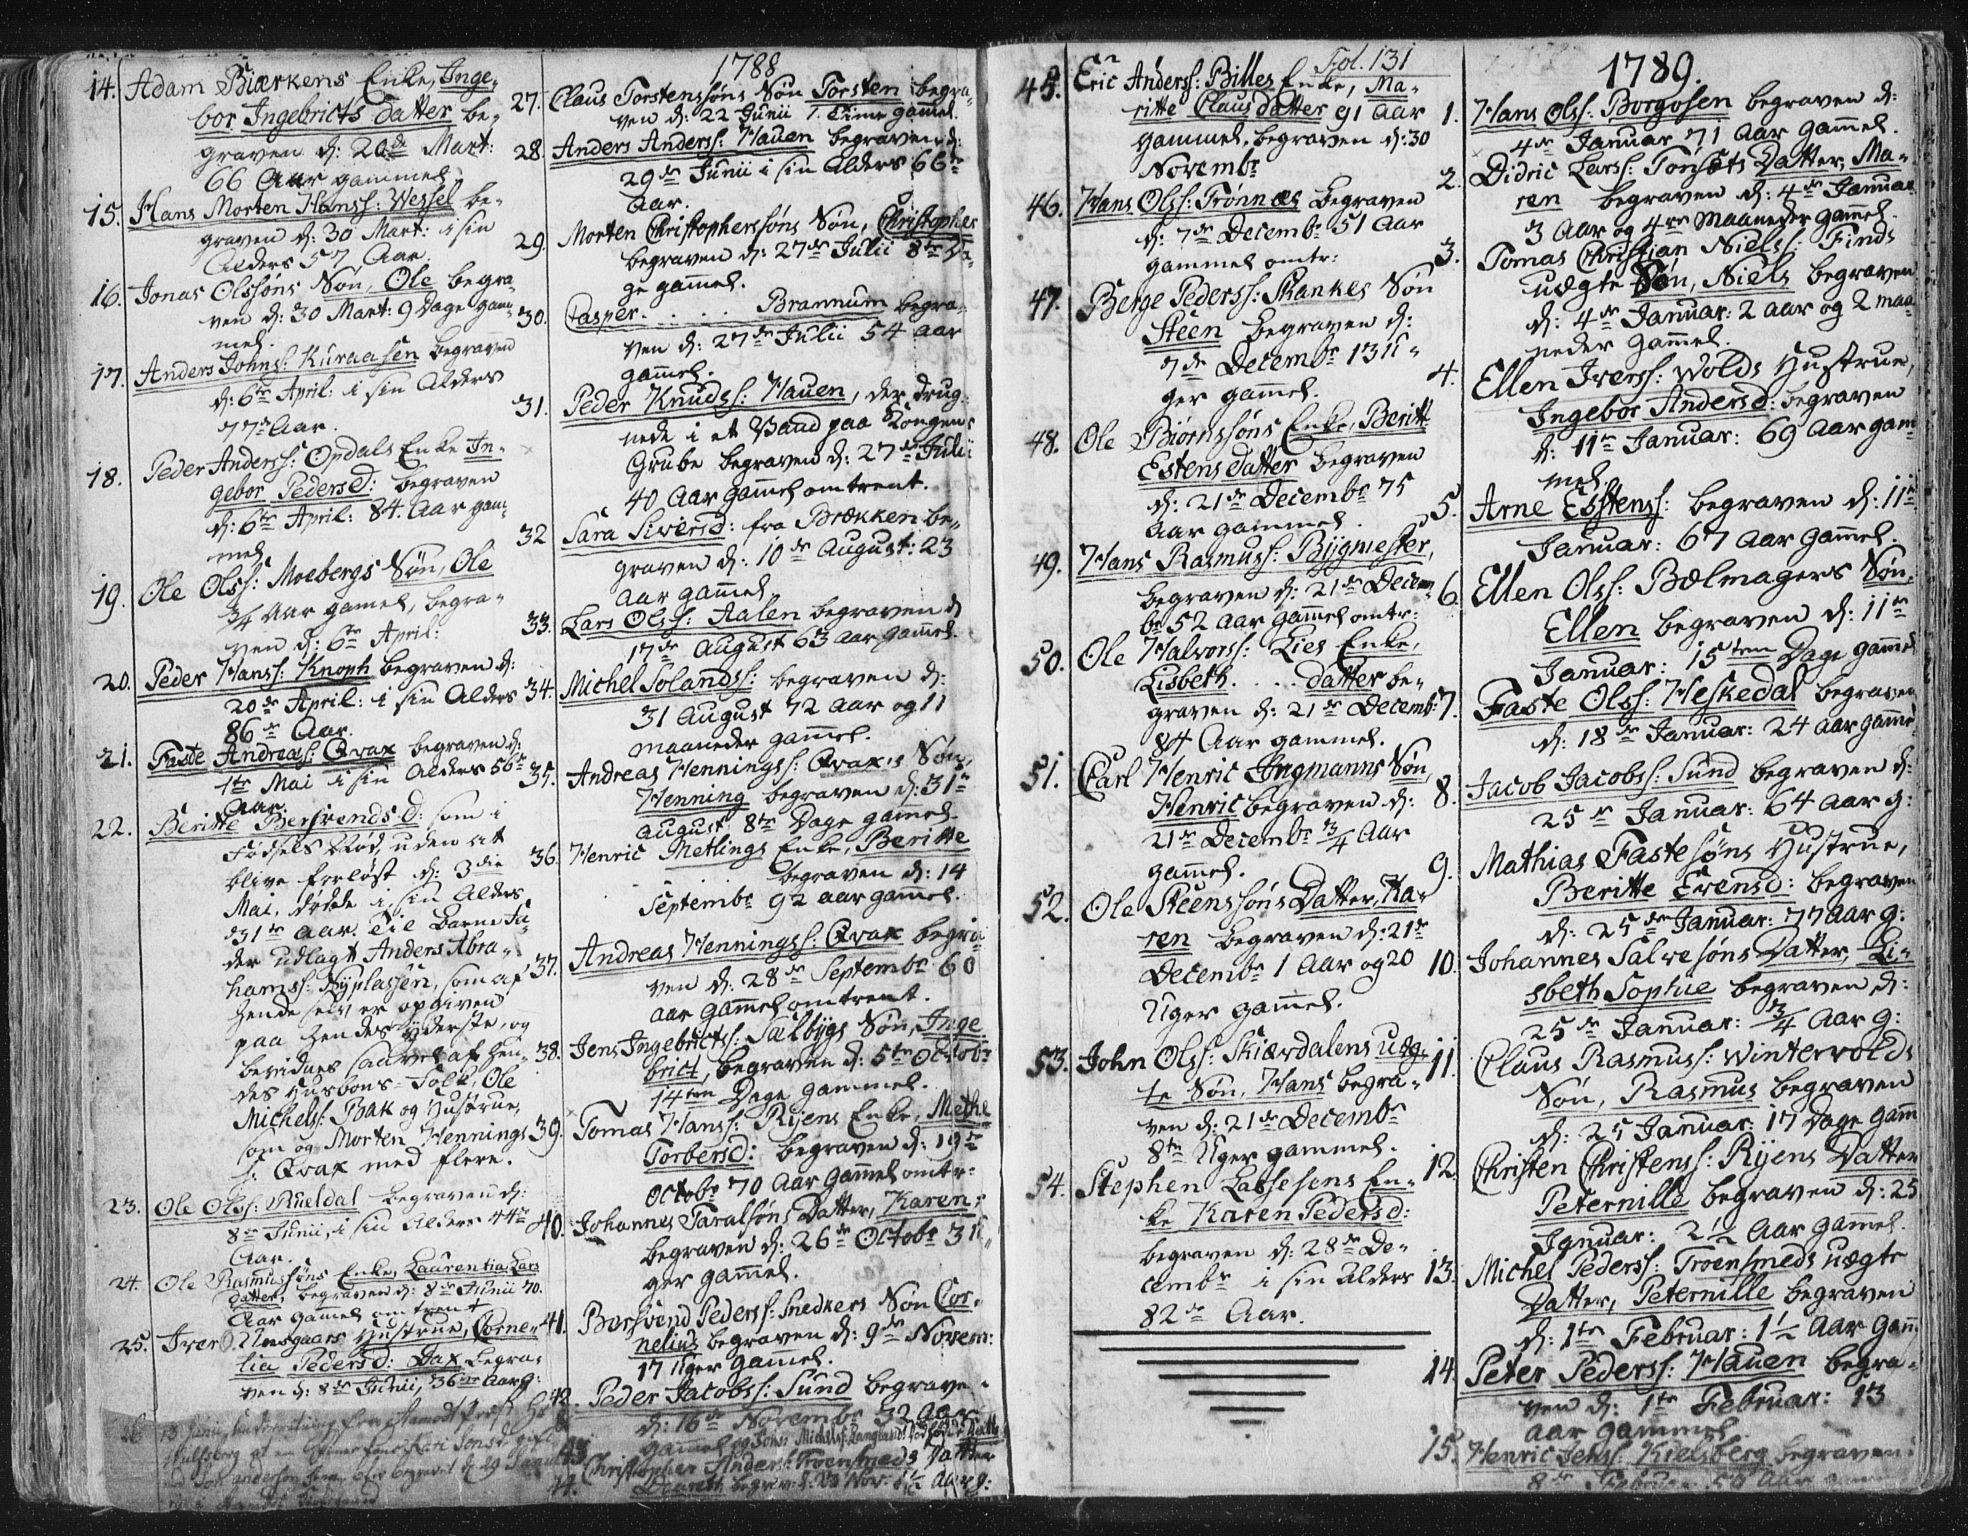 SAT, Ministerialprotokoller, klokkerbøker og fødselsregistre - Sør-Trøndelag, 681/L0926: Ministerialbok nr. 681A04, 1767-1797, s. 131